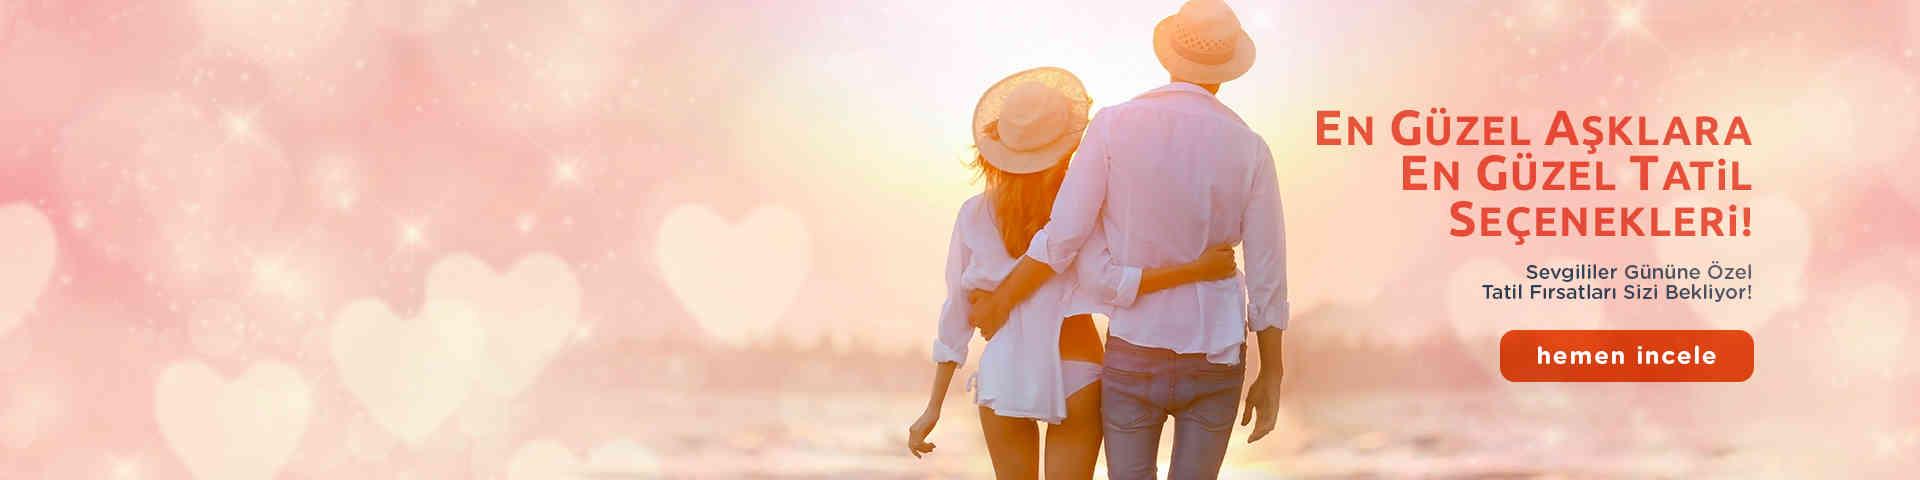 En Güzel Aşklara En Güzel Tatil Seçenekleri